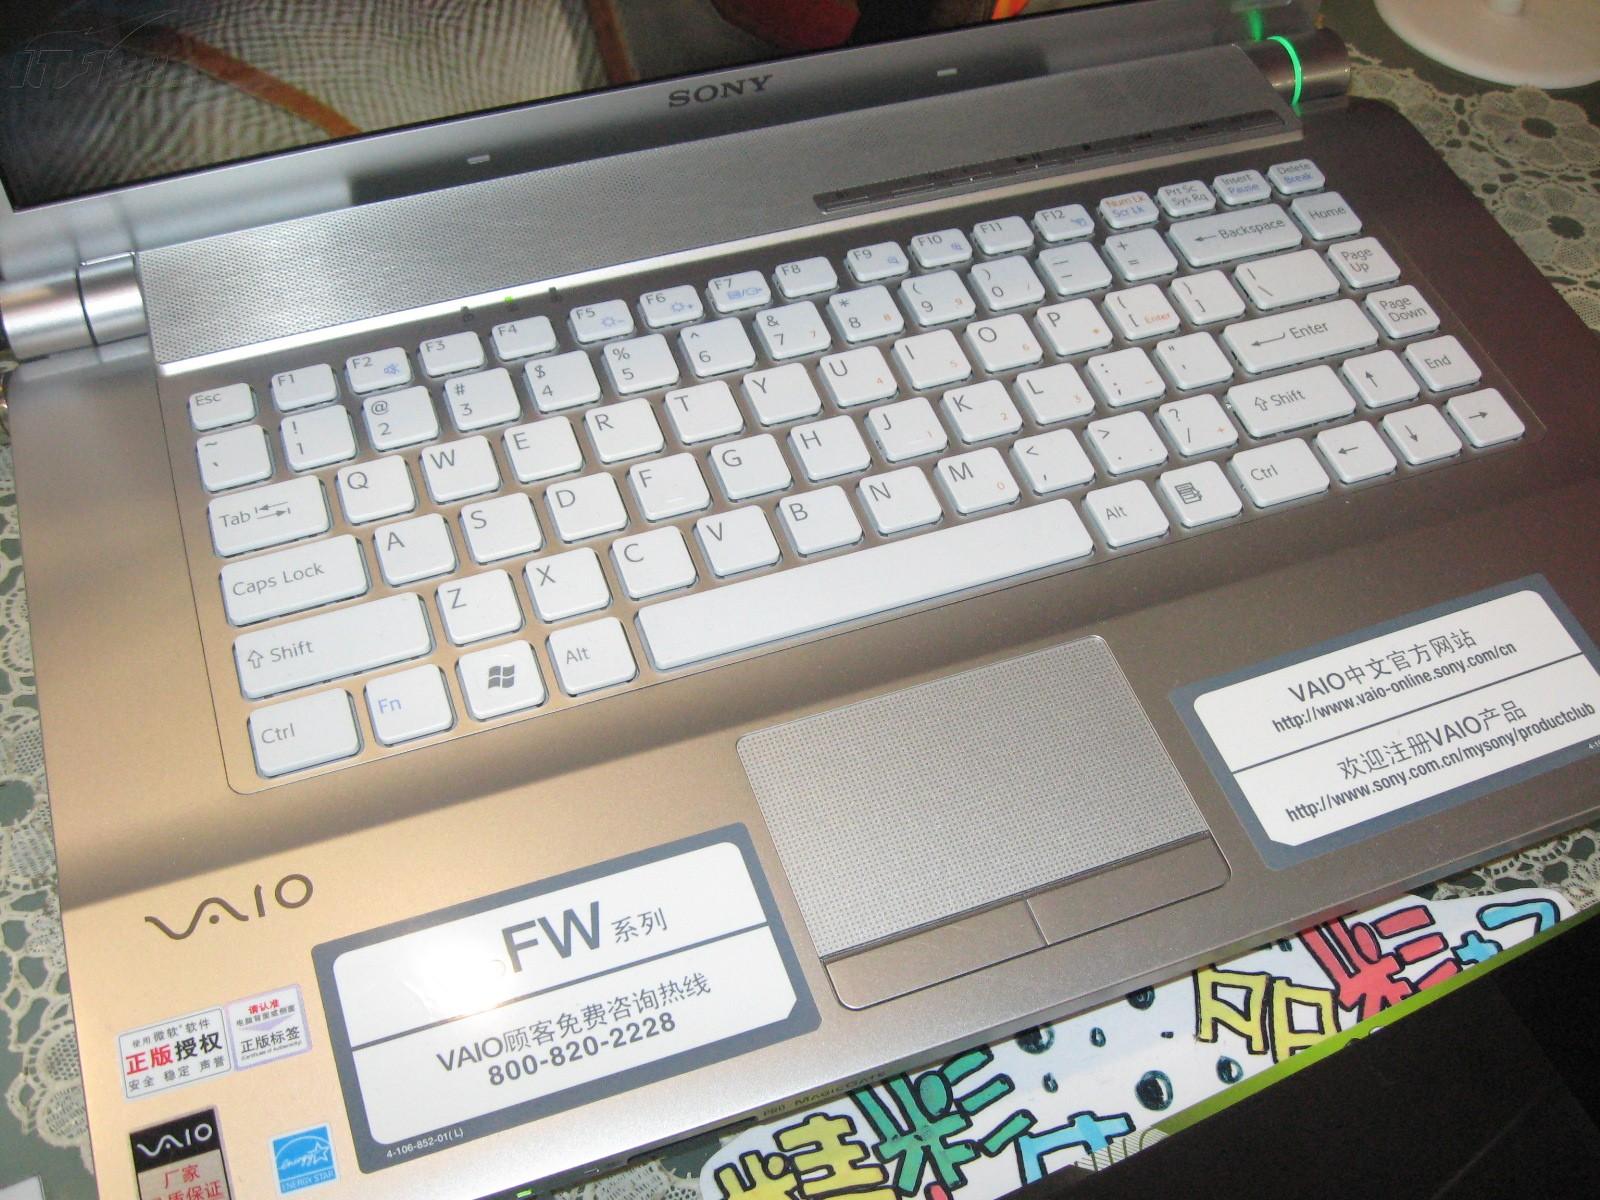 索尼vgn-fw27/w笔记本产品图片5素材-it168笔记本图片